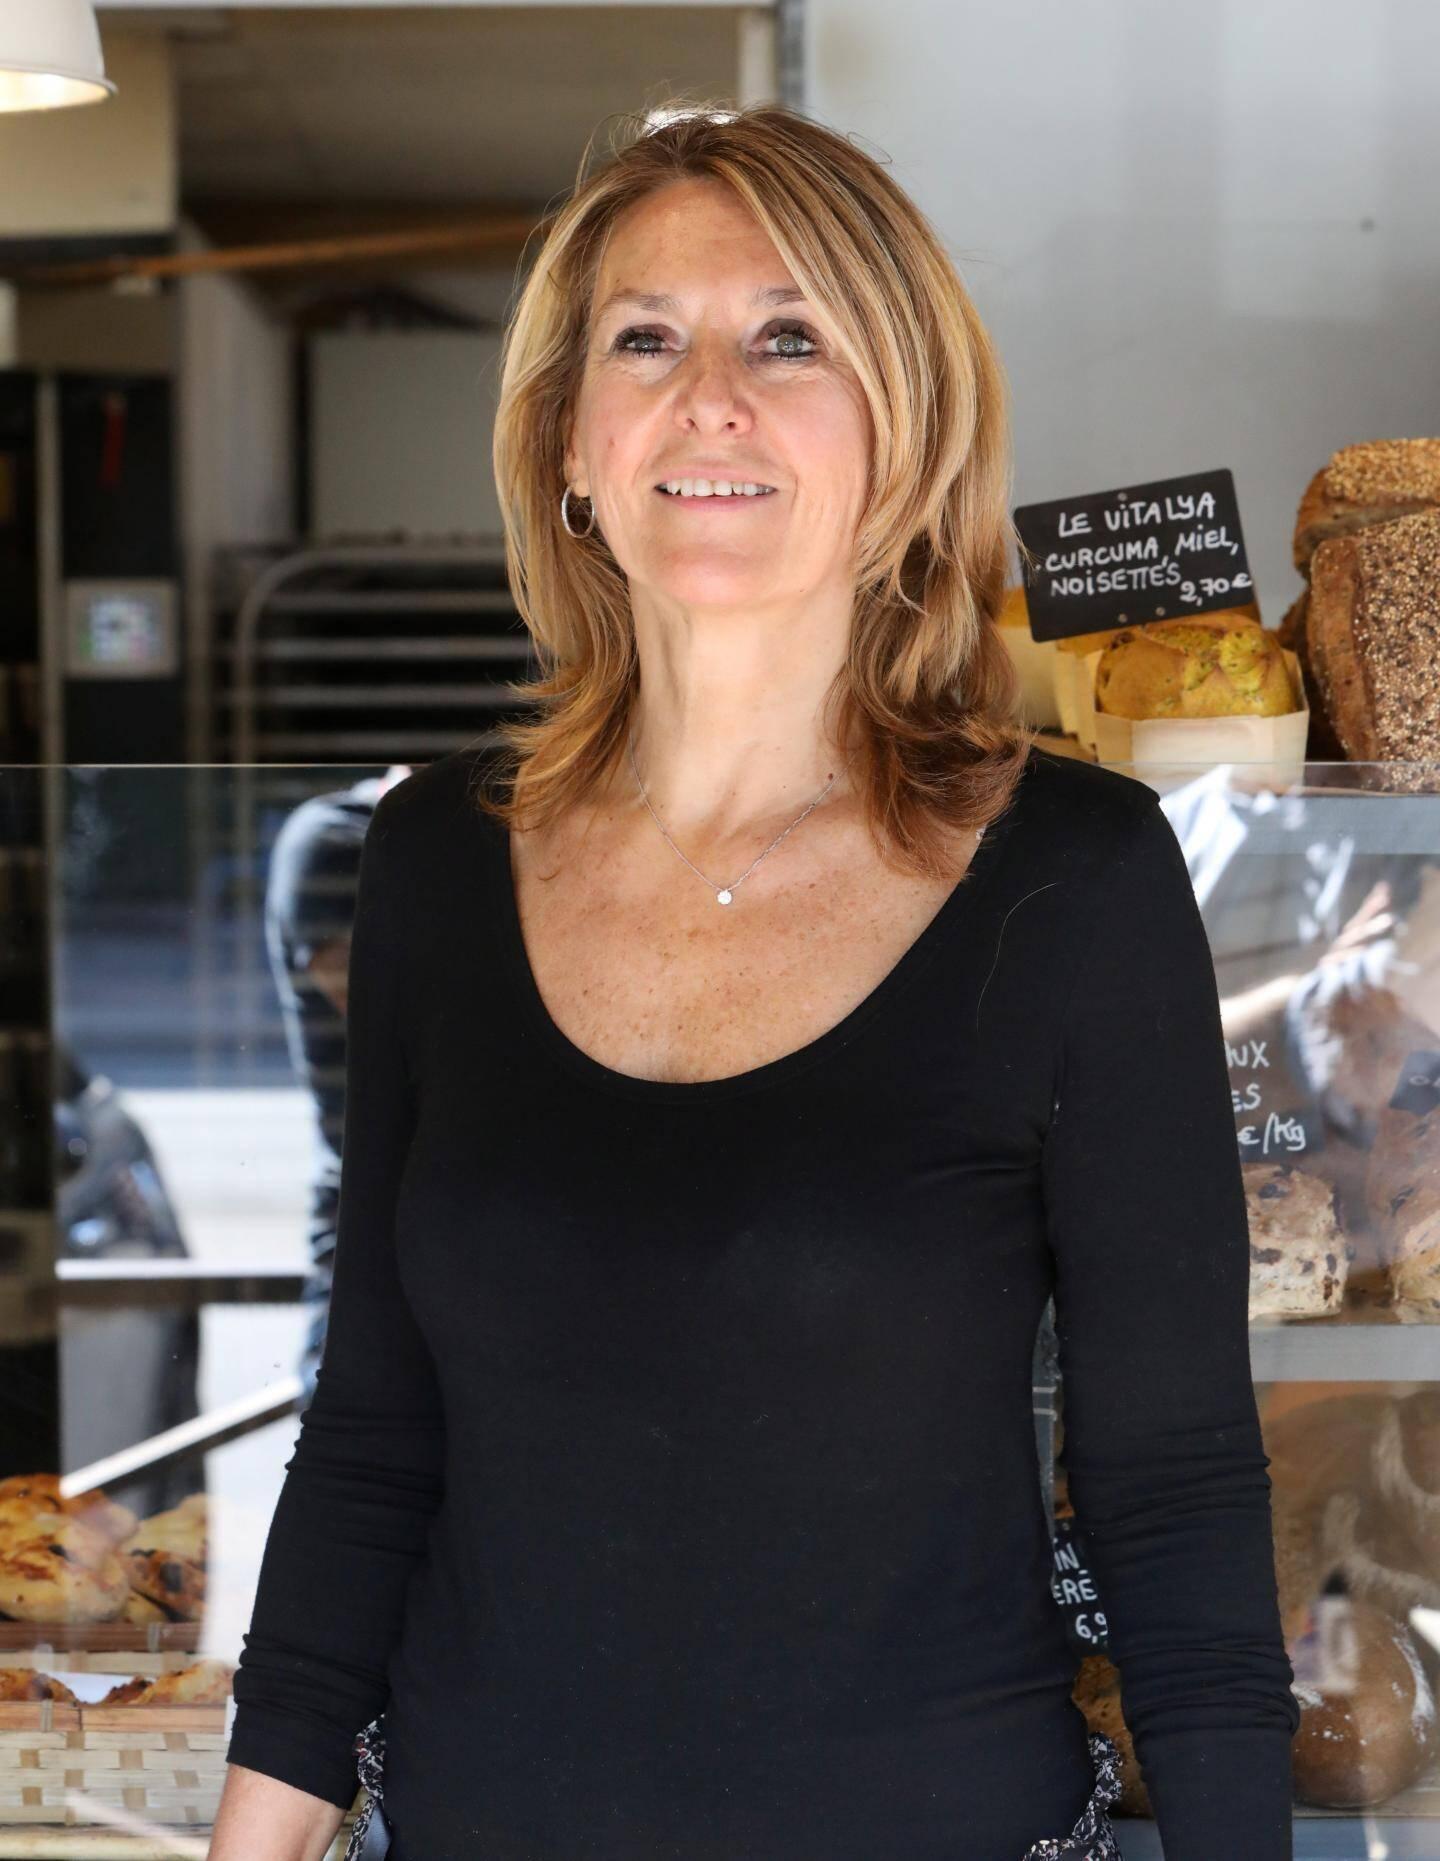 Gisèle Noto des boulangeries Moulin de Flor aime relever les défis